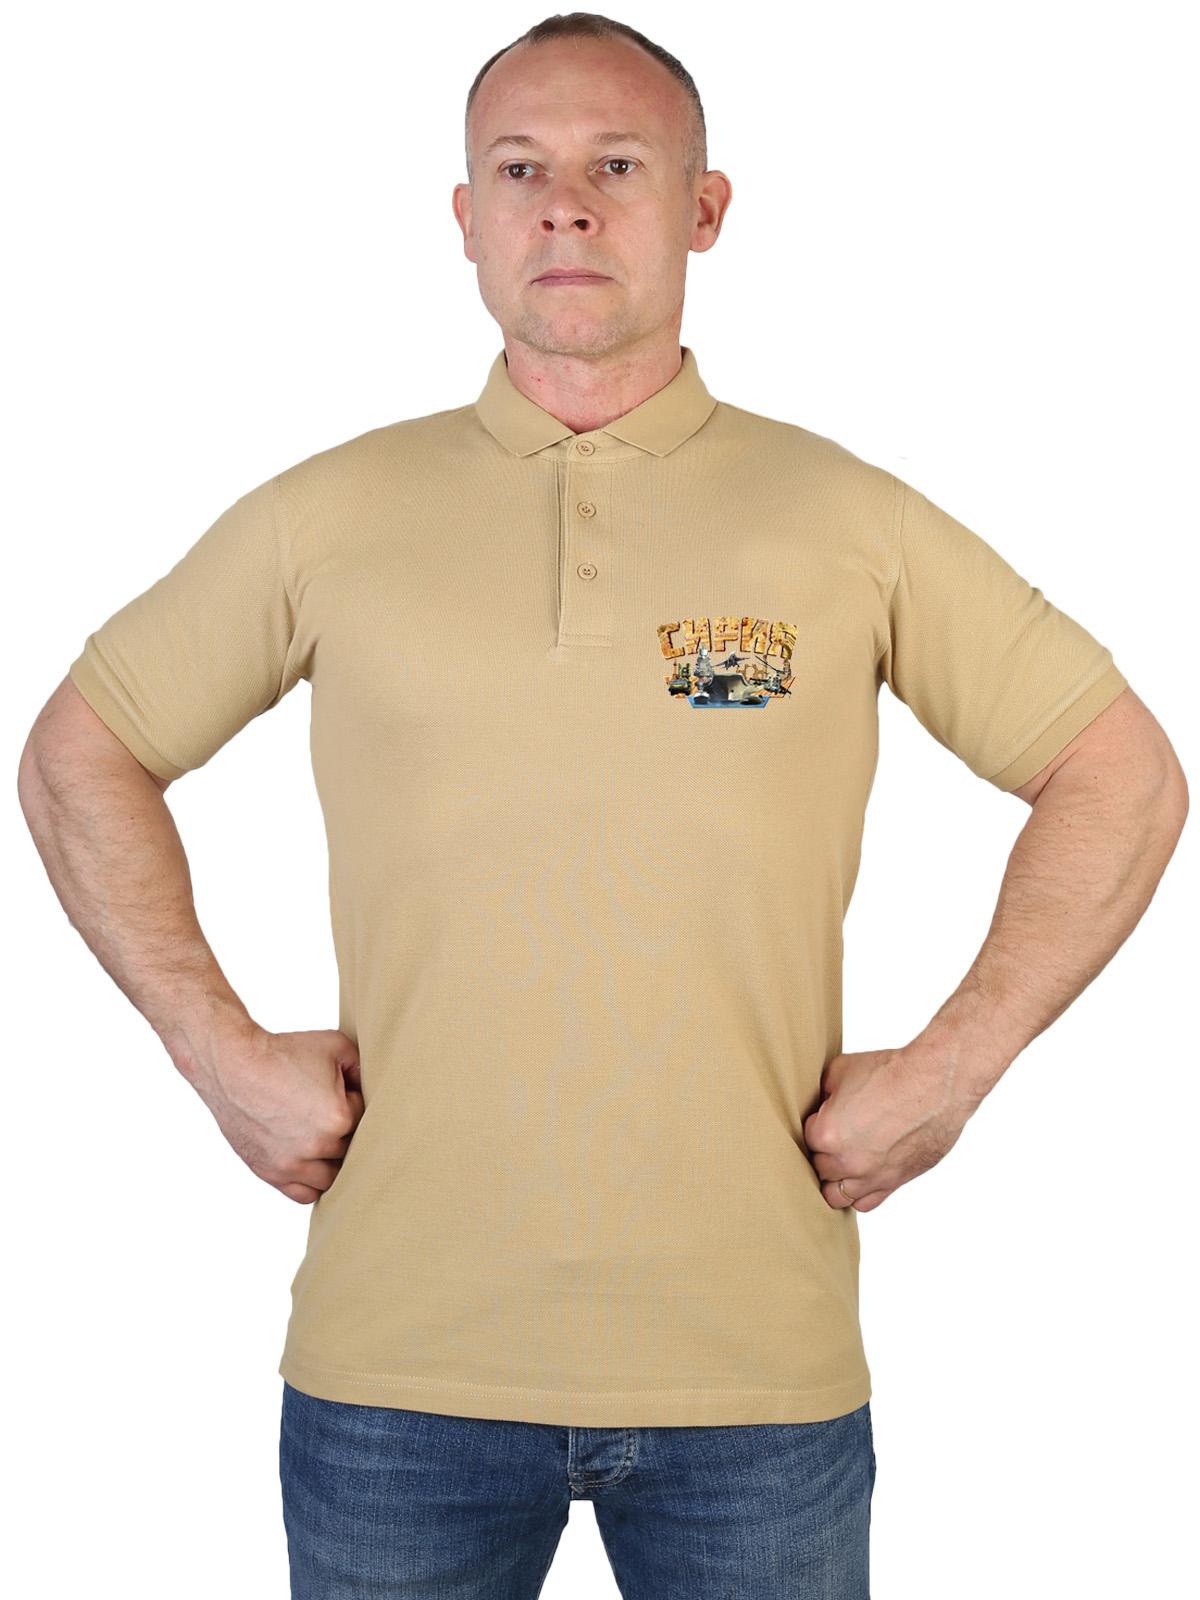 Купить трикотажную мужскую футболку-поло с термонаклейкой Сирия выгодно